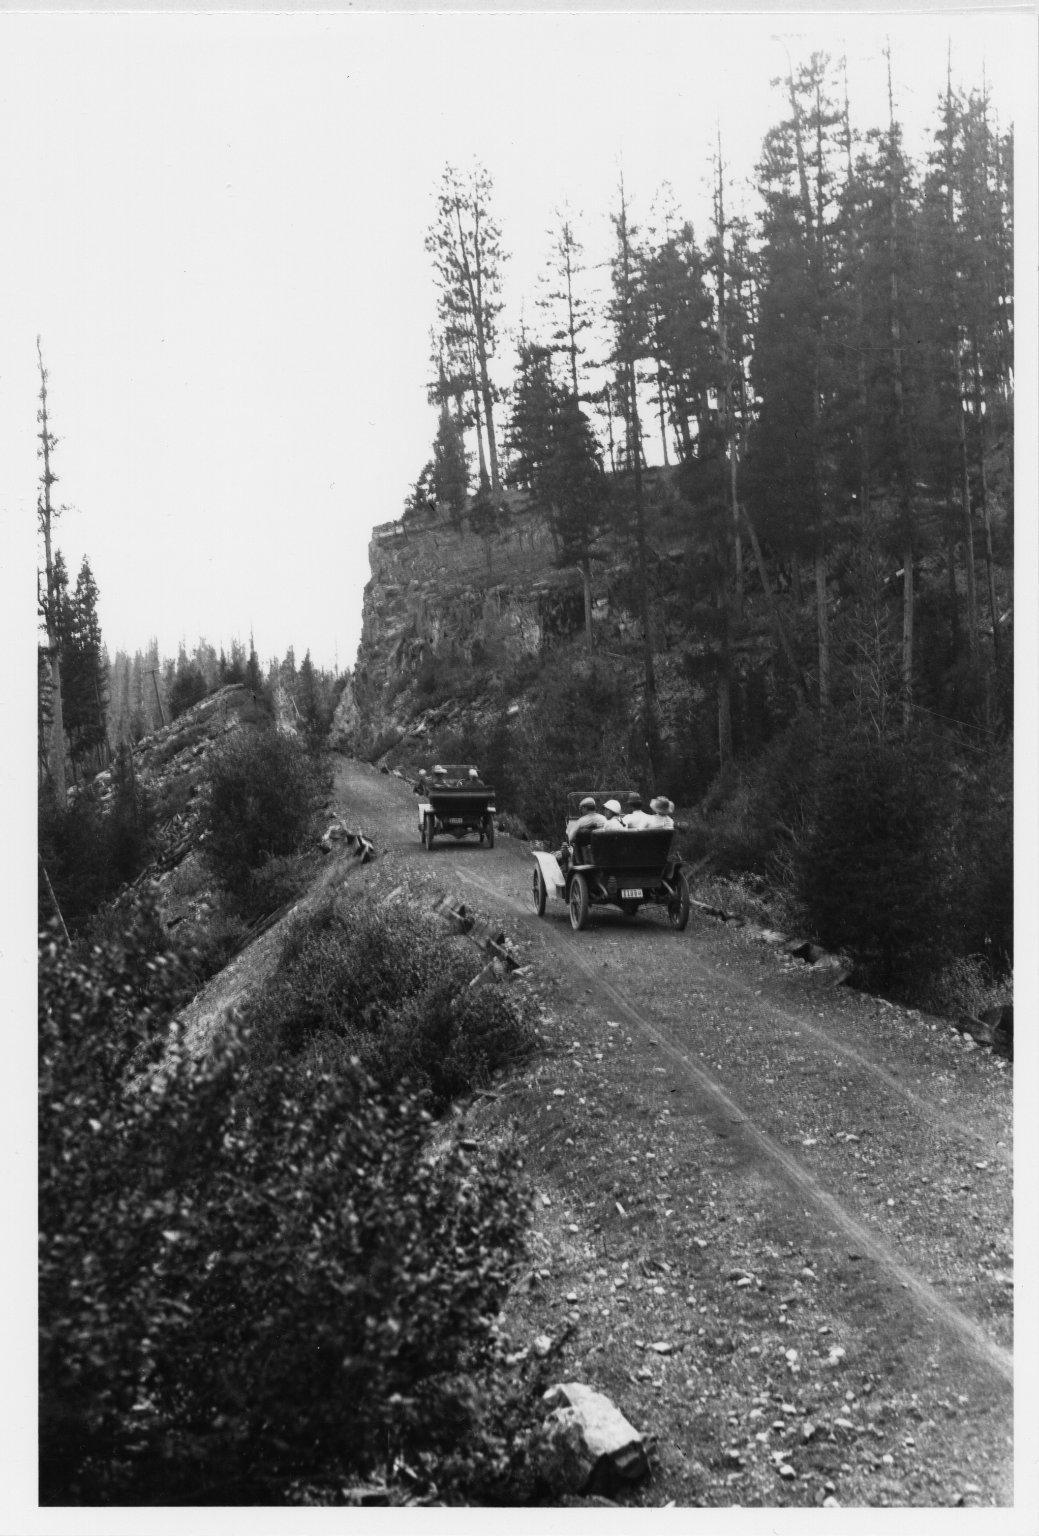 Automobiles on mountain road